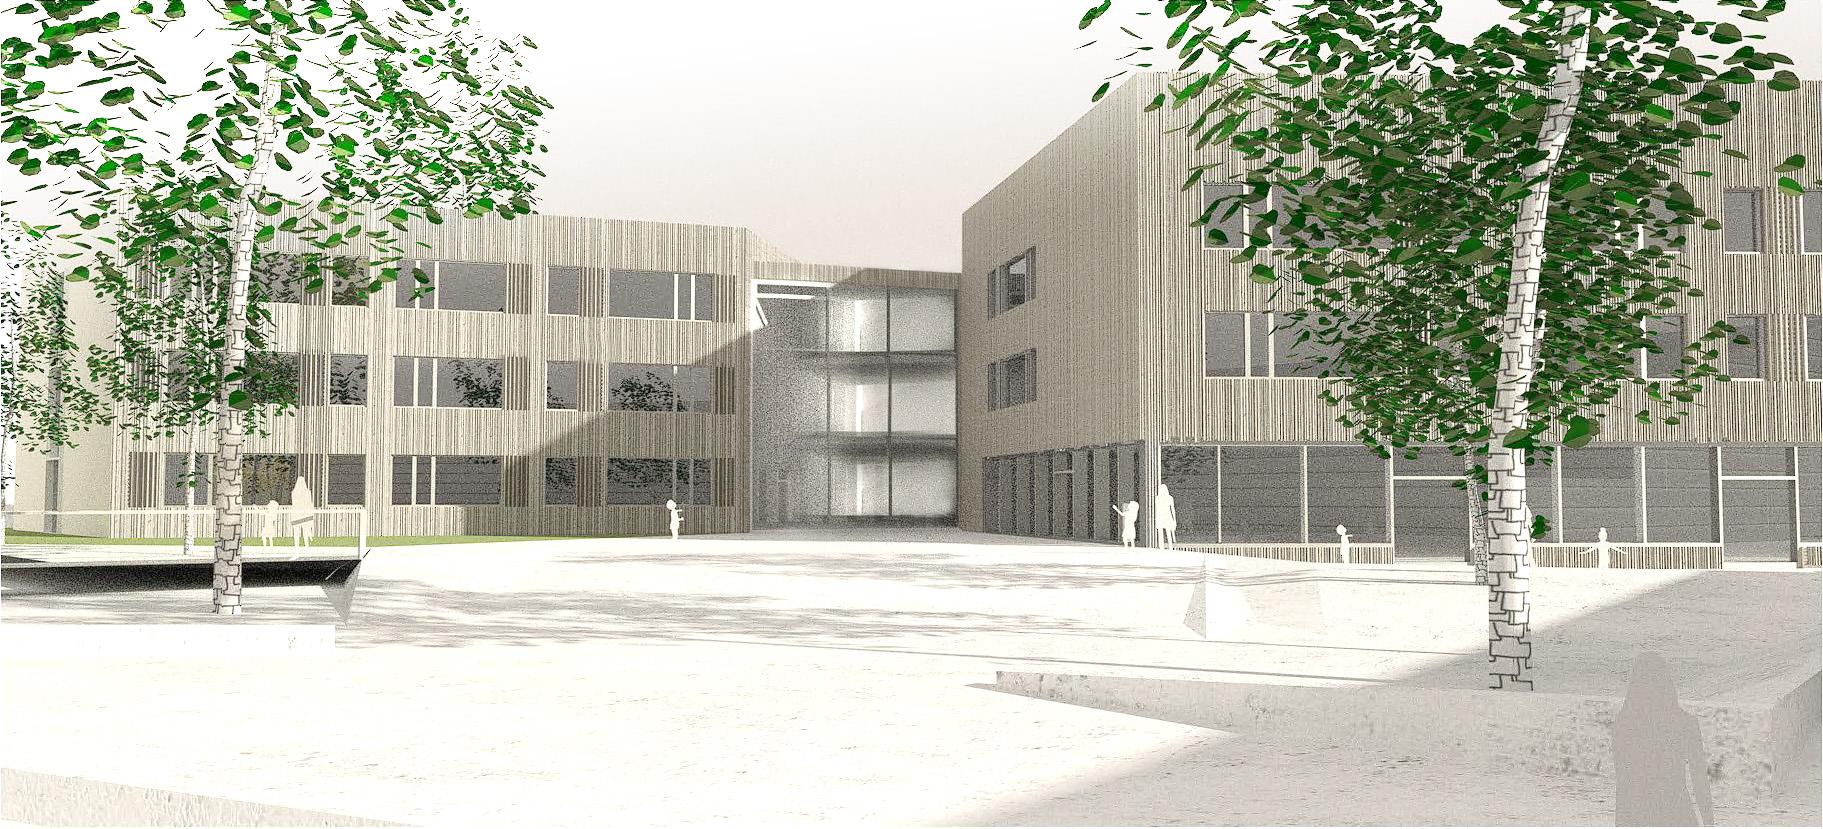 Erweiterung Sonnenblumenschule Langen